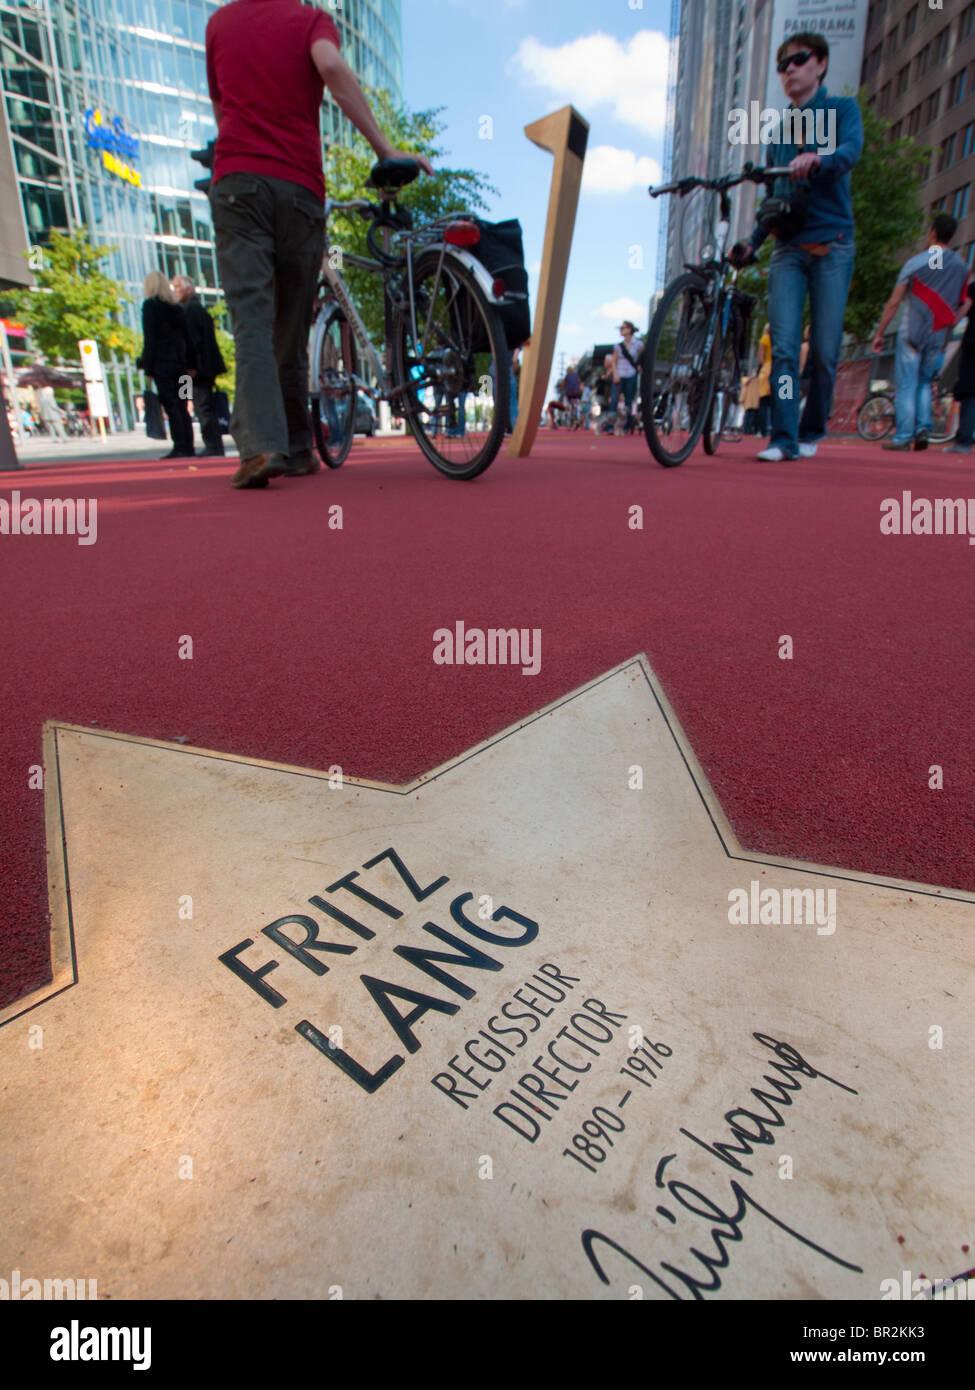 Neuen Boulevard der Stars eröffnet eine spezielle Boulevard-Hommage an Filmstars am Potsdamer Platz in Berlin 10. Stockfoto